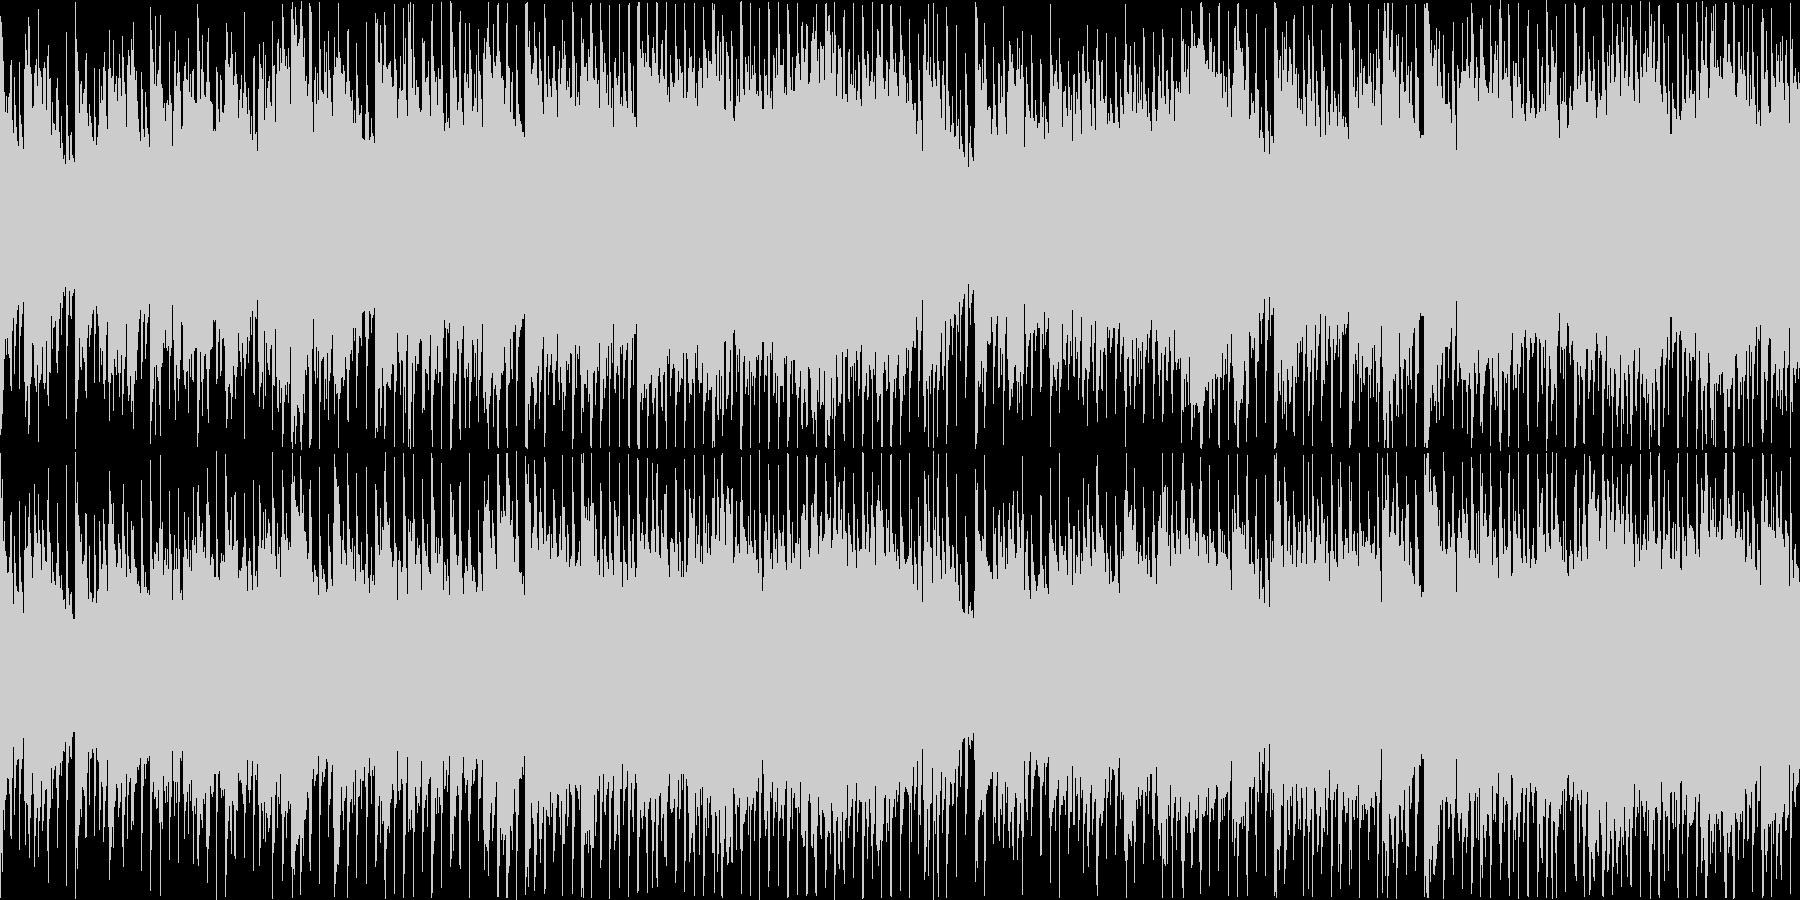 疾走感のあるお洒落なピアノハウスの未再生の波形